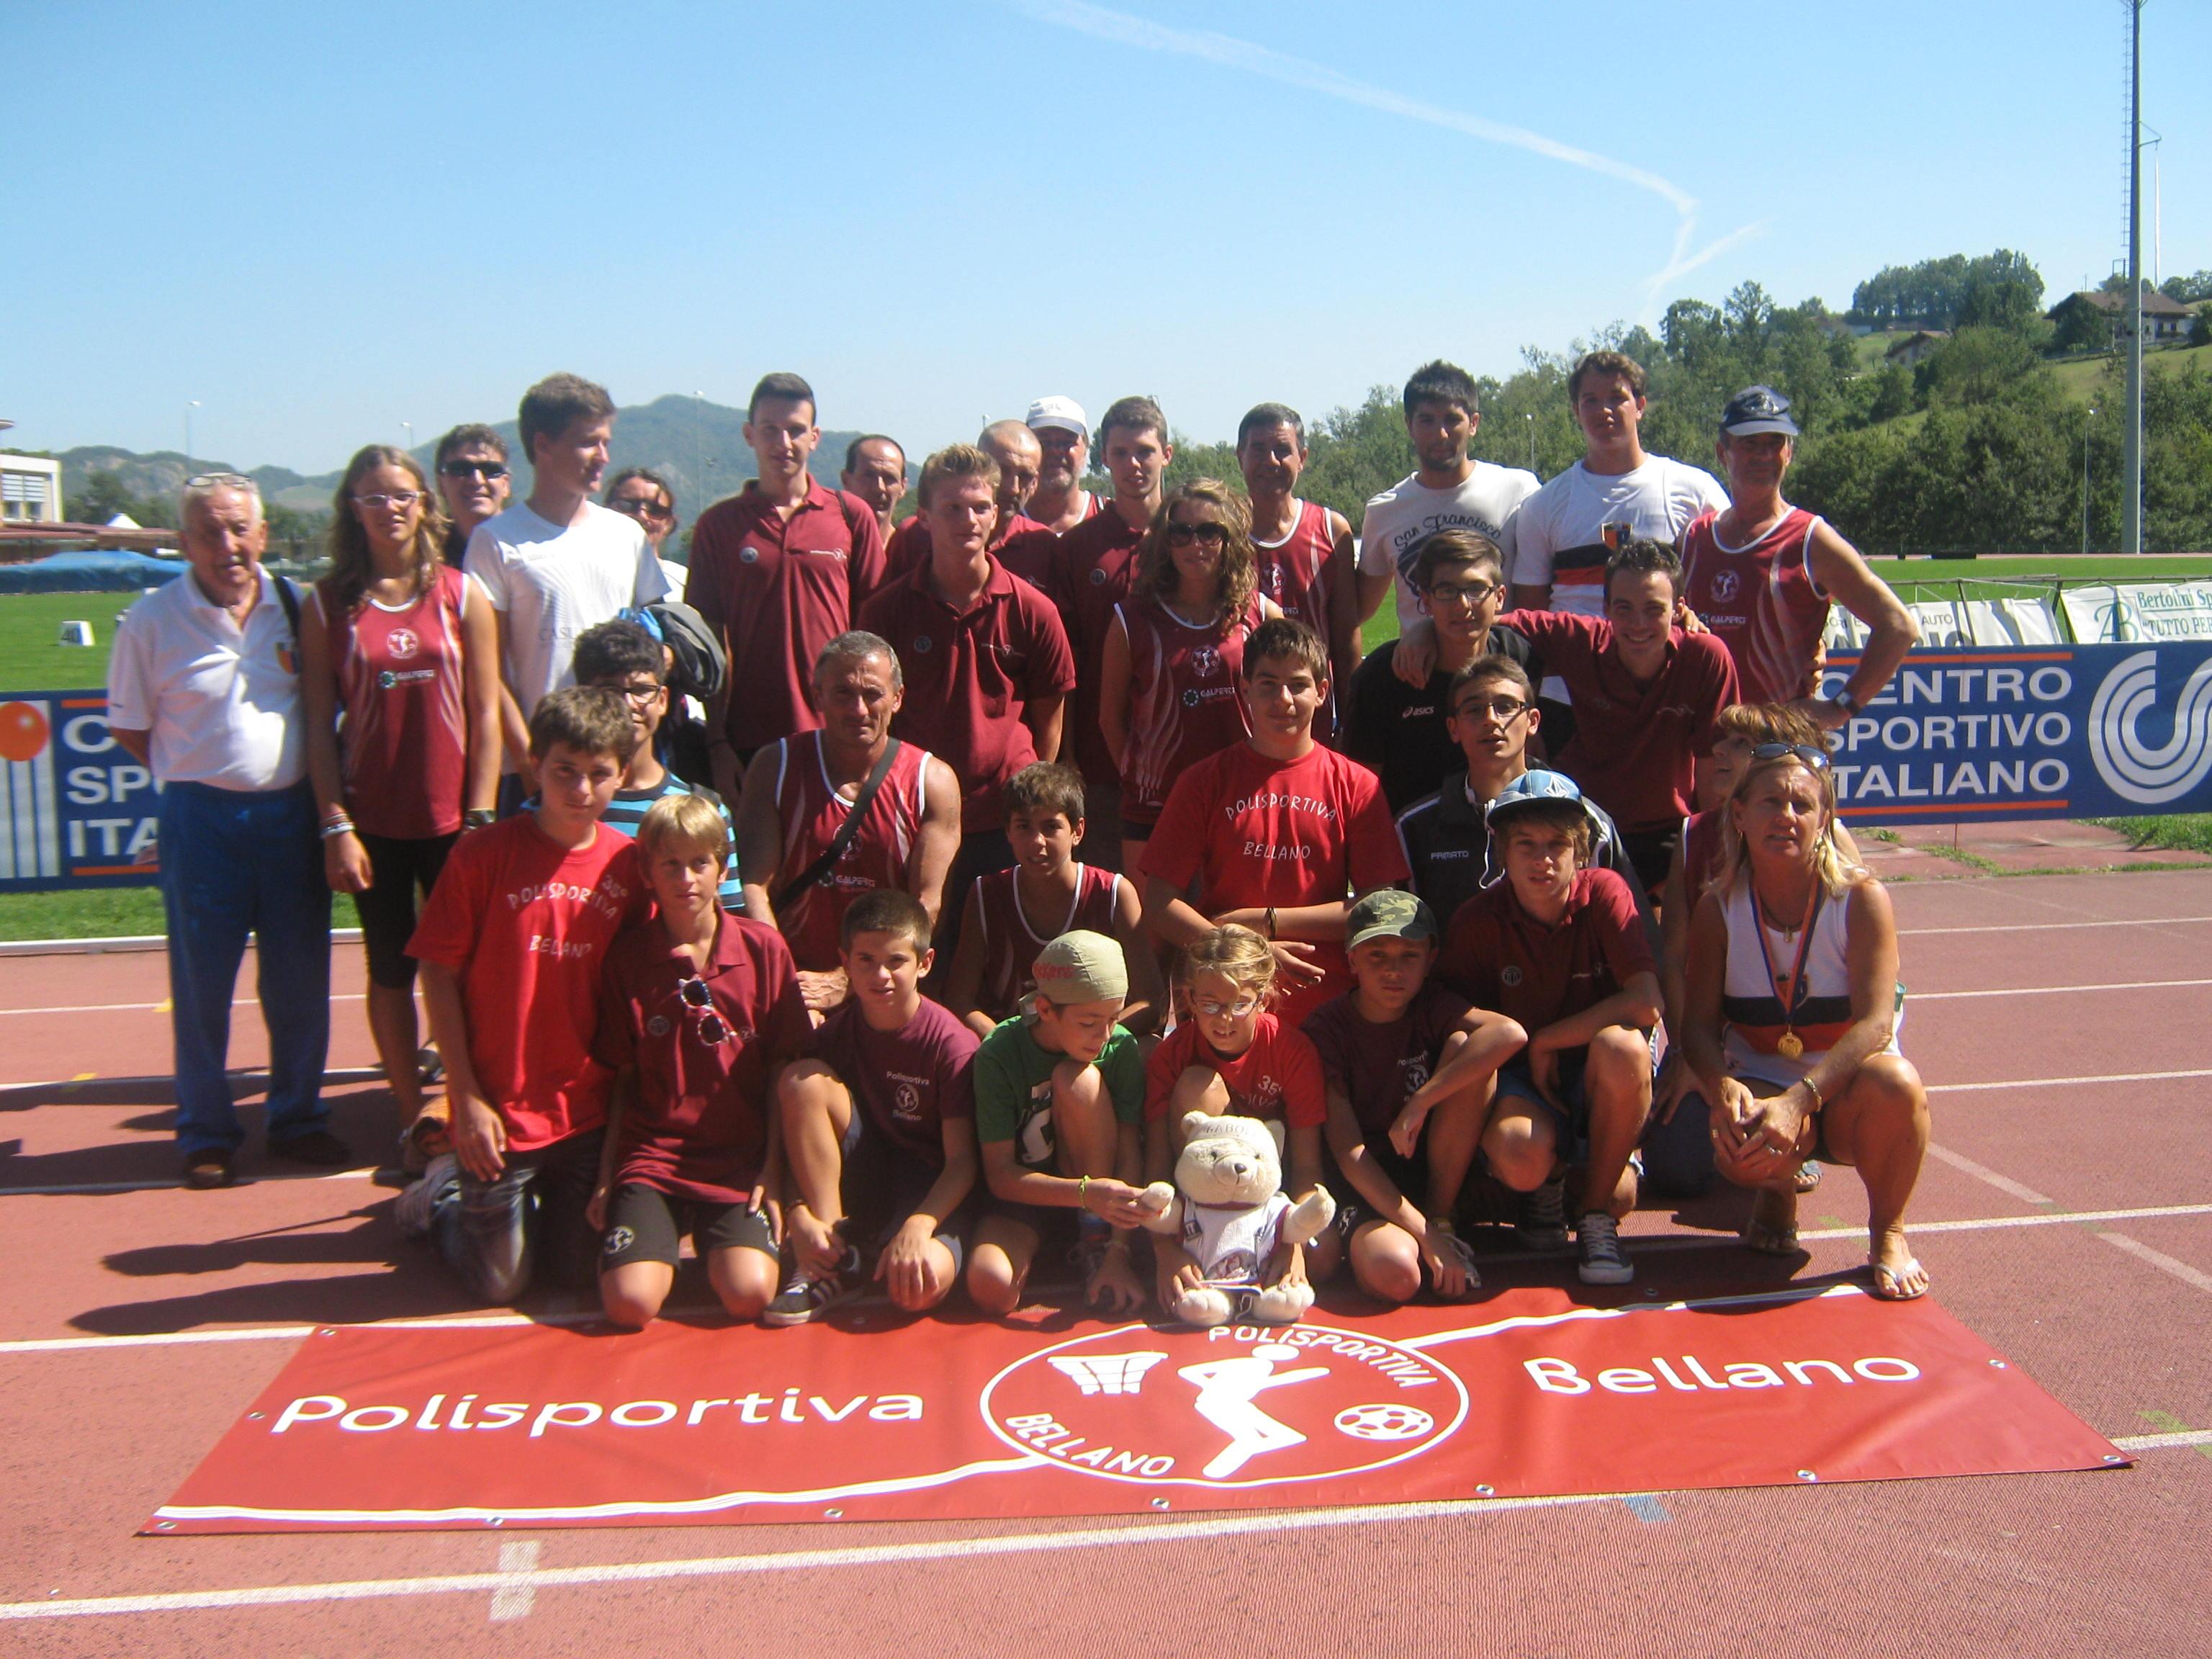 15° Gran Premio Nazione Atletica su Pista - Pol. Bellano